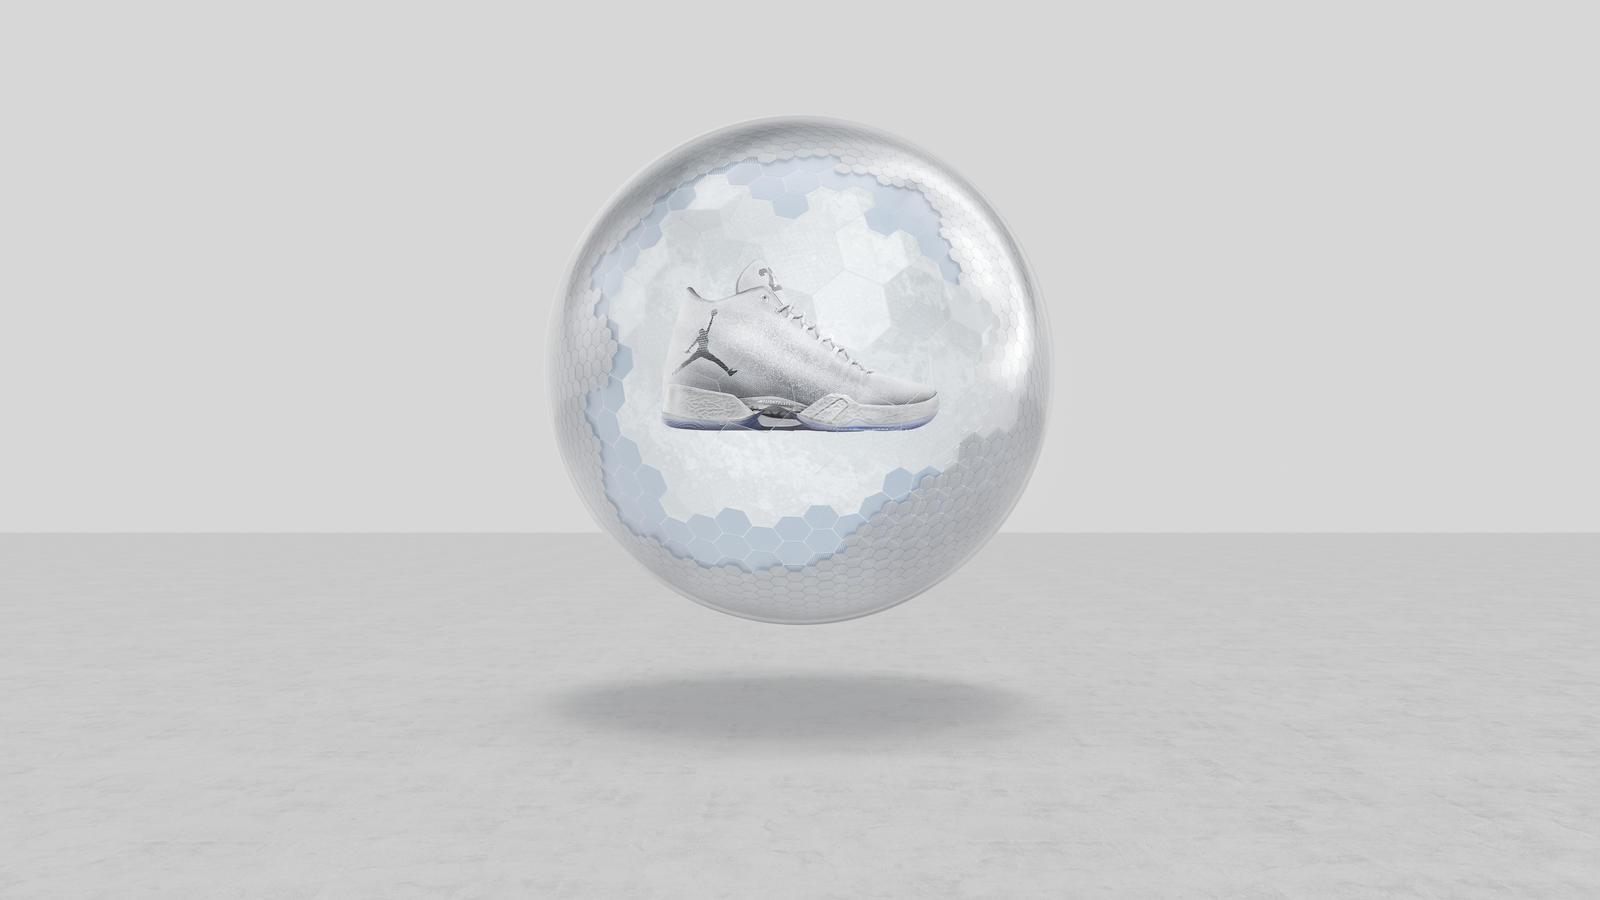 Air Jordan XX9 Pearl